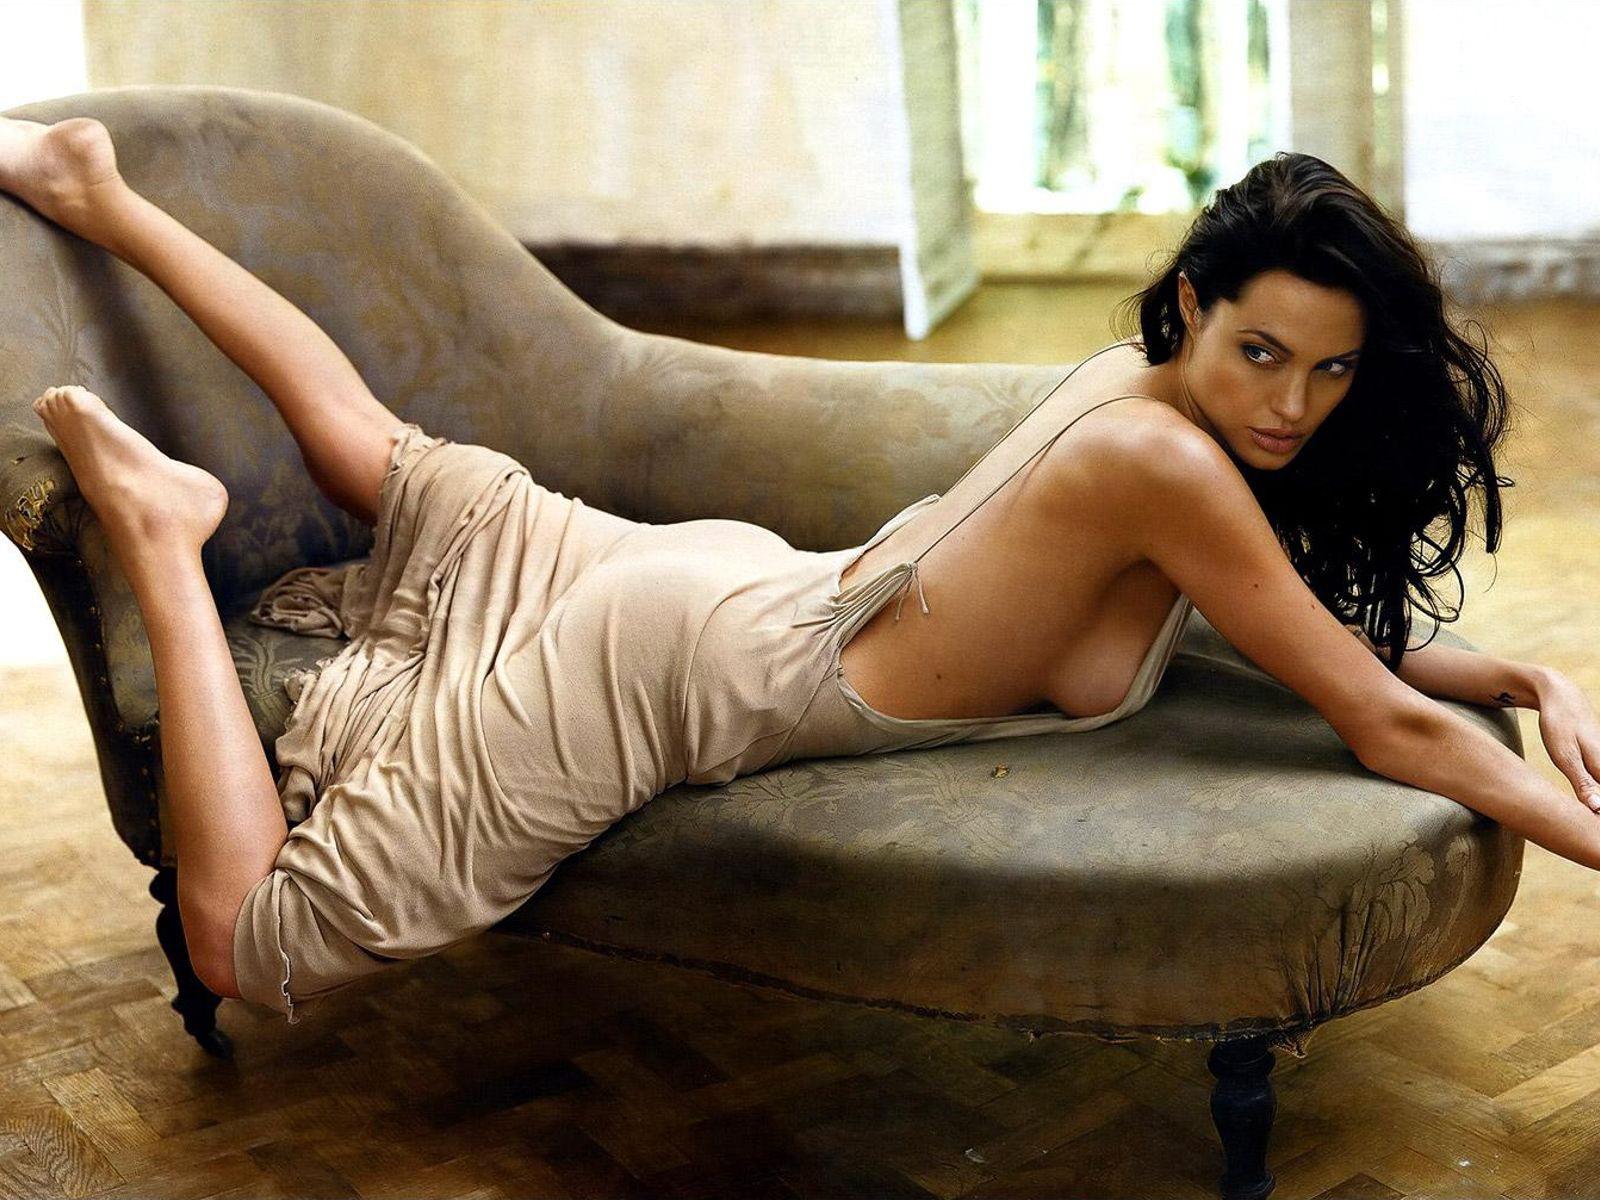 Кожній країні по Анджеліні: Як виглядають двійники Анджеліни Джолі - фото 13